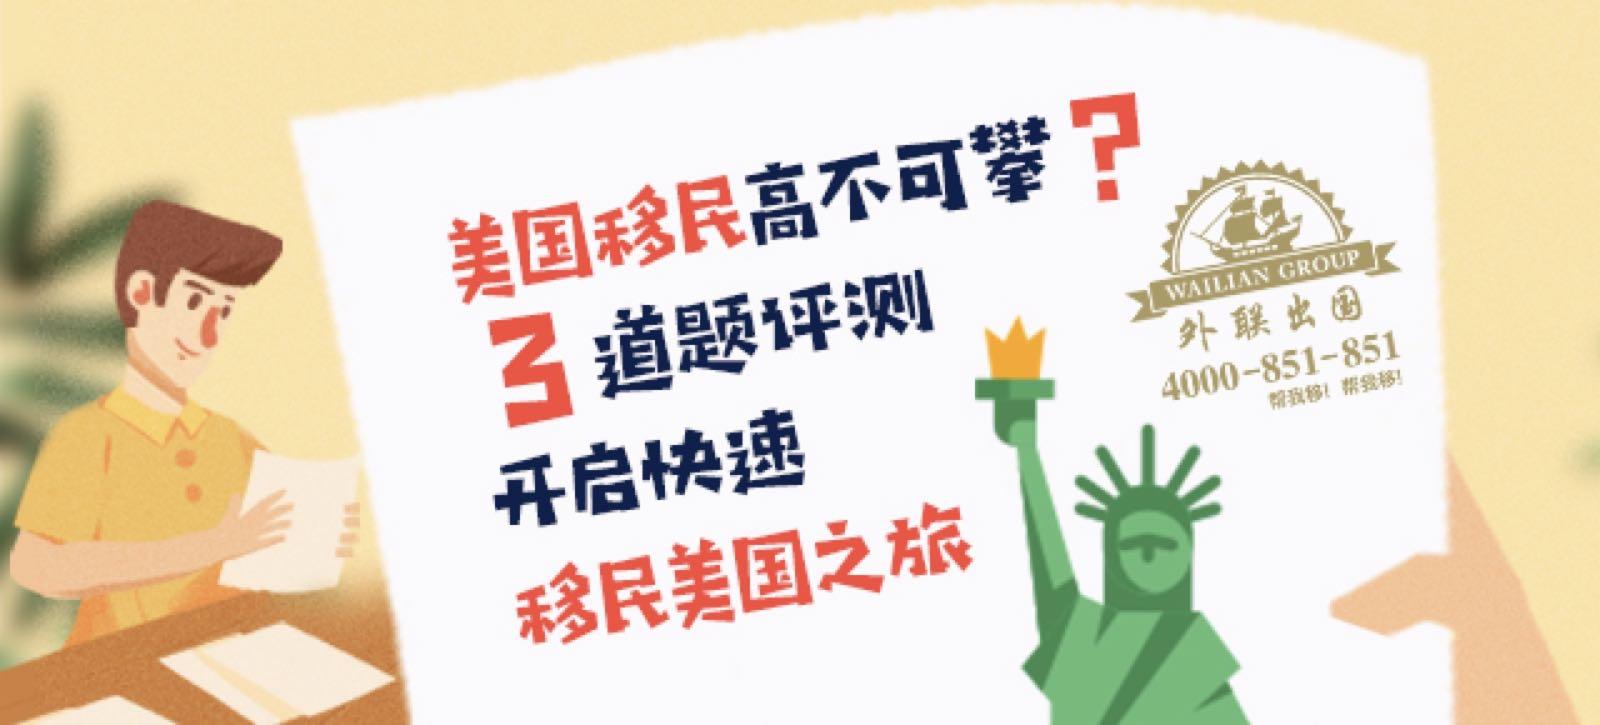 1分钟测试 2天获移民局批准 3道题改变人生